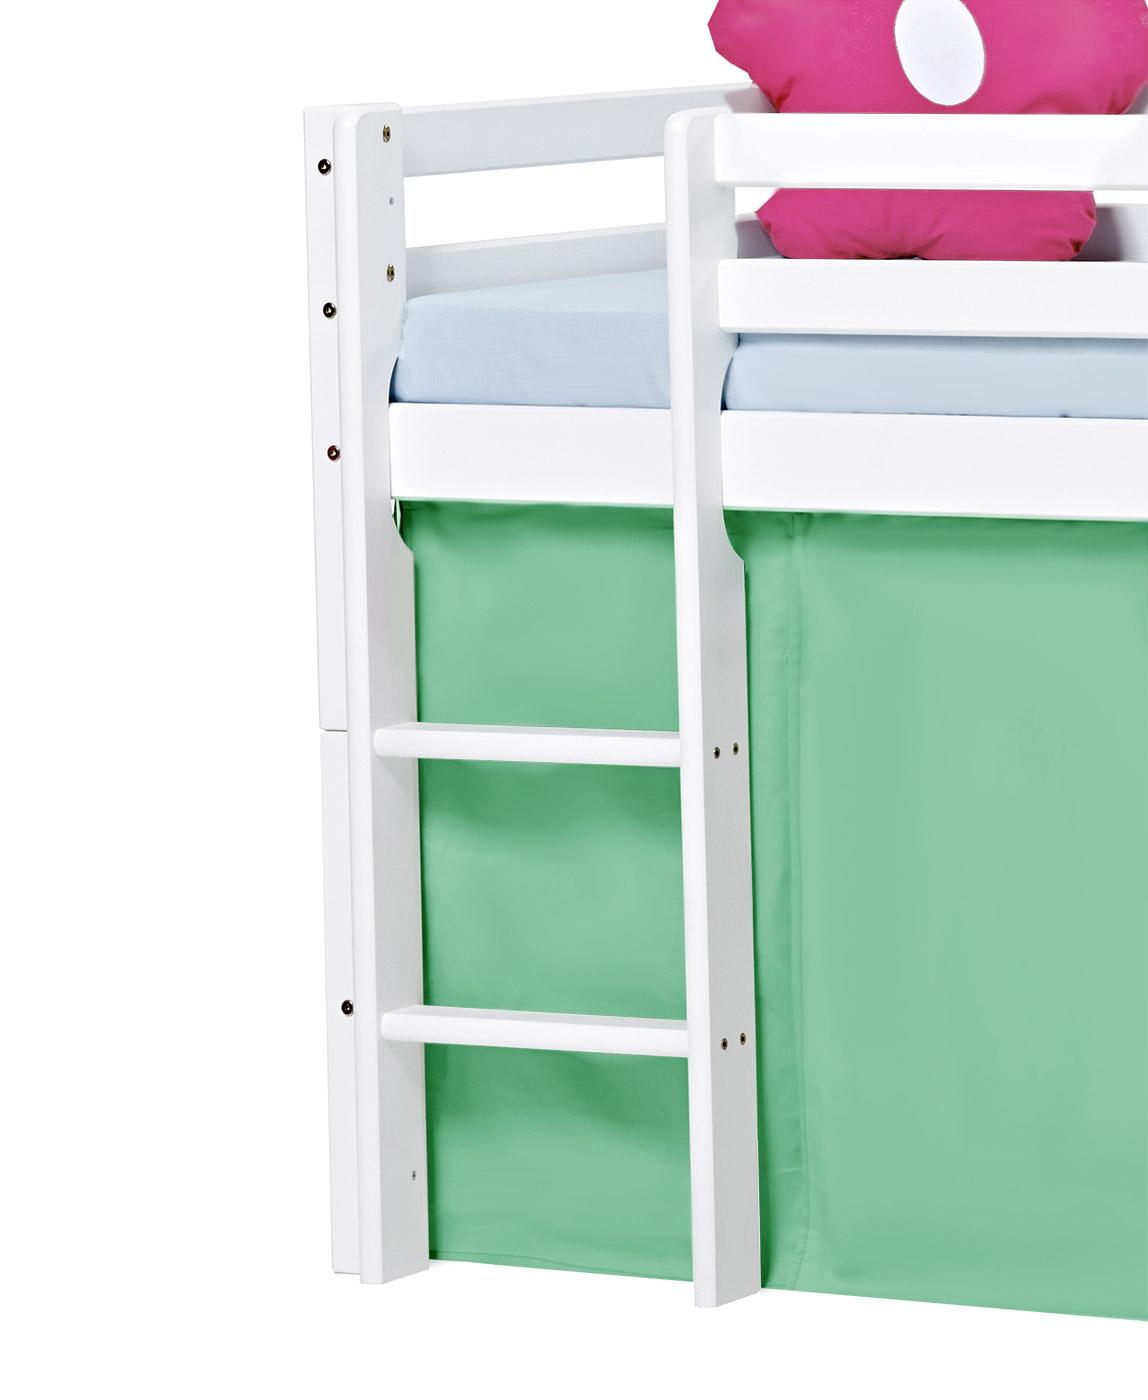 Ikea Funktionsbett mit beste design für ihr wohnideen